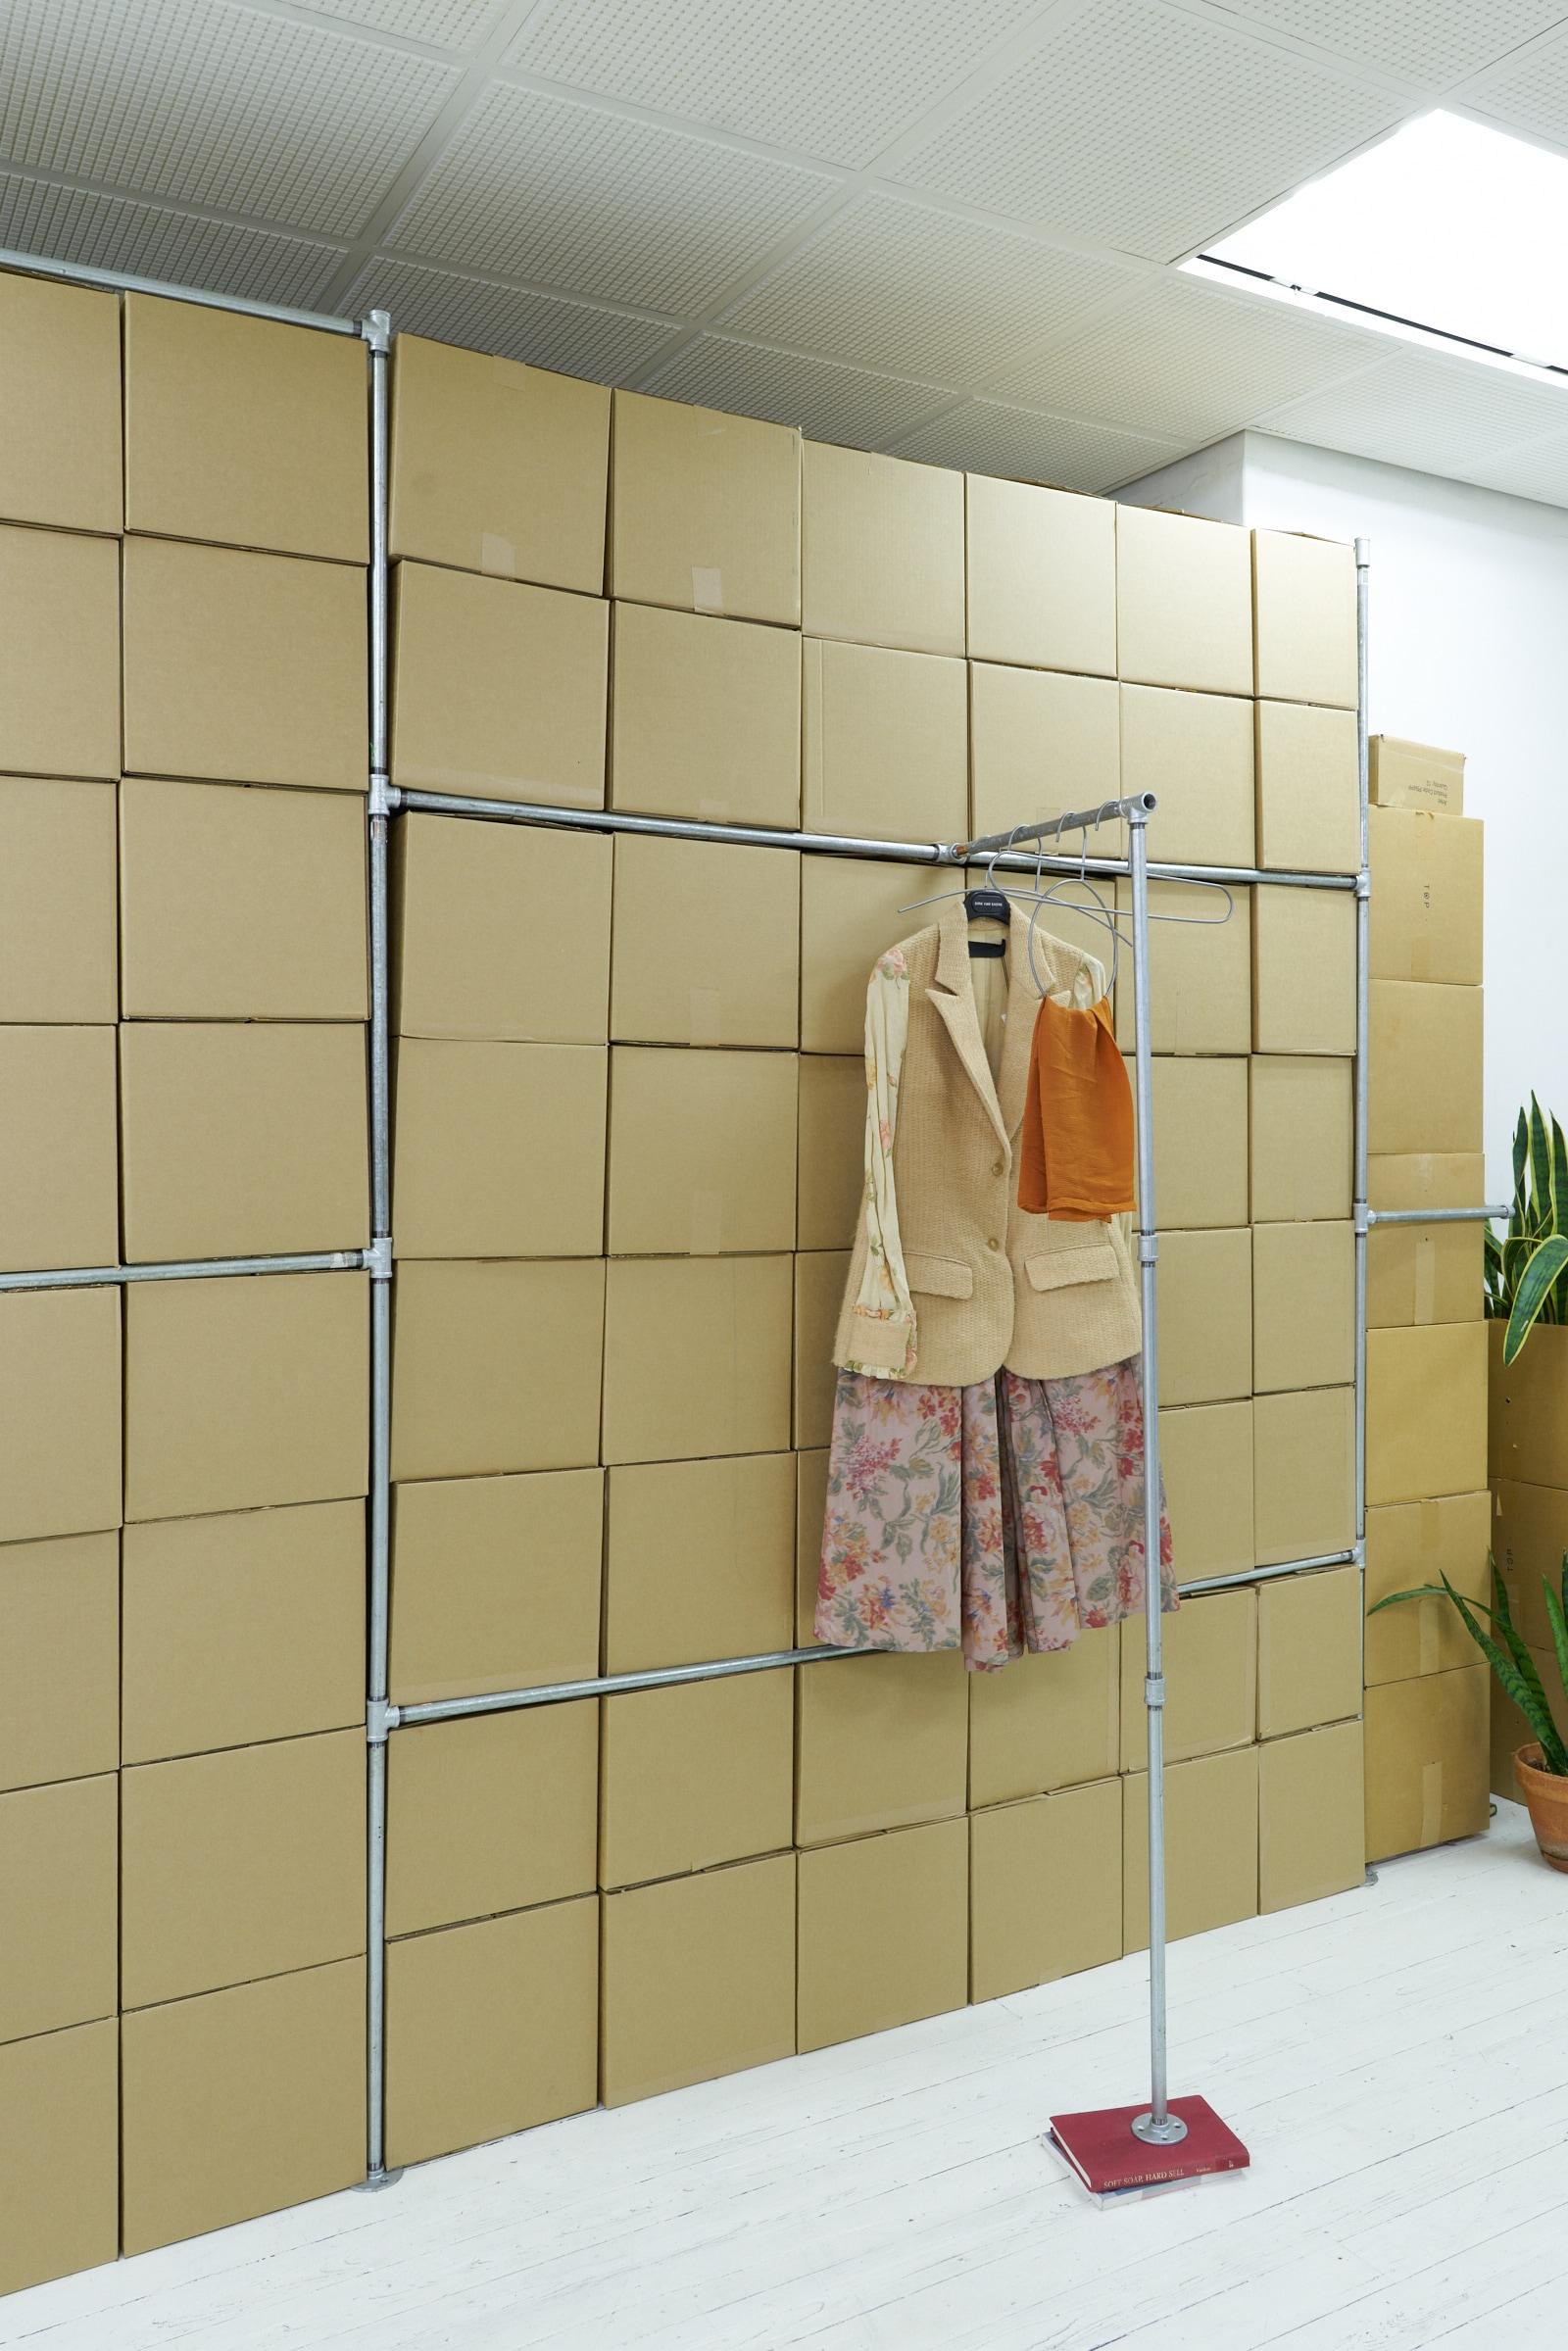 A flat shop_hangers install_14.jpg